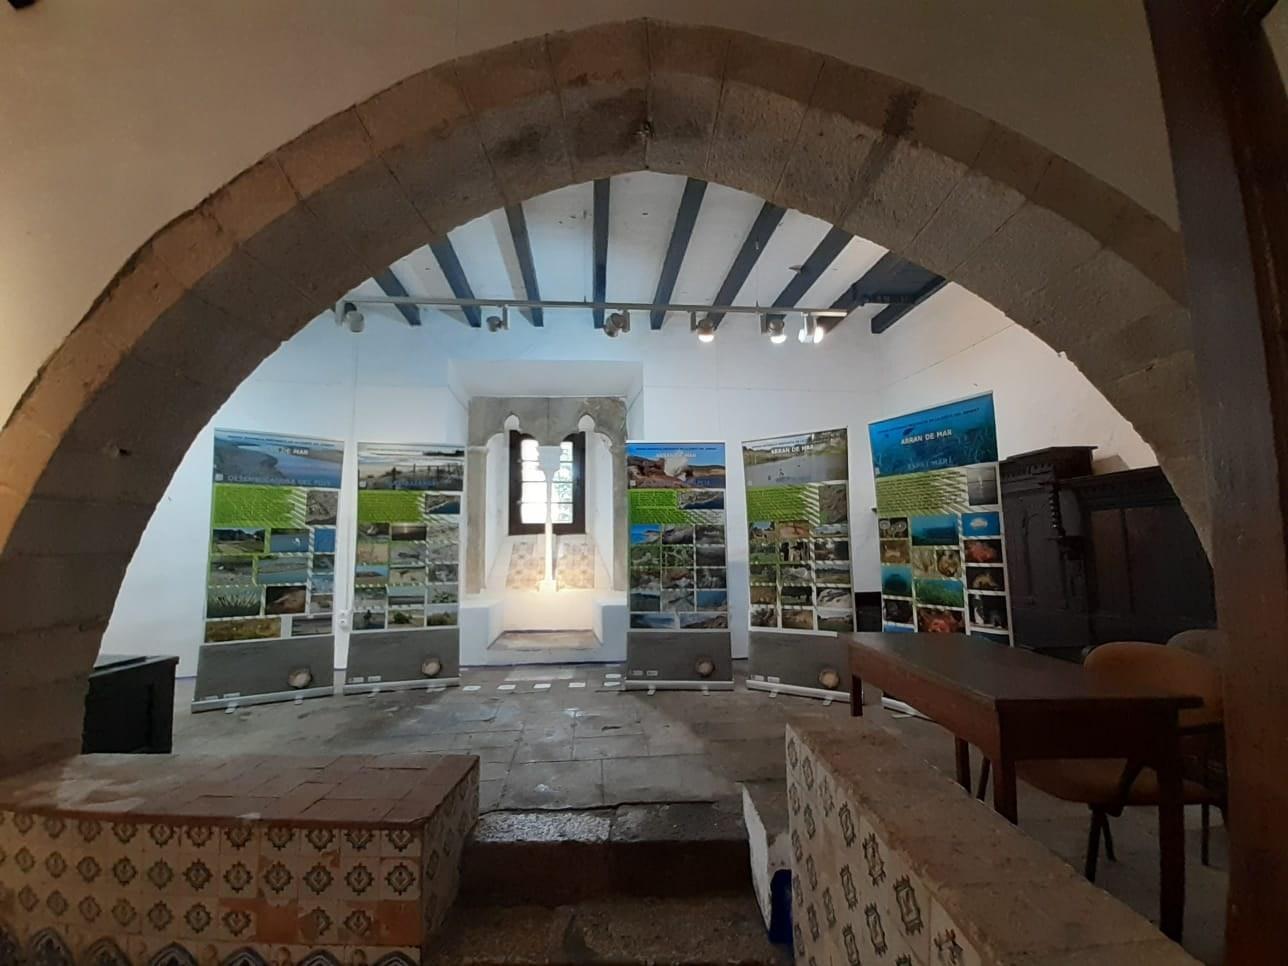 Exposició sobre la riquesa dels 26 km de costa de la comarca del Garraf